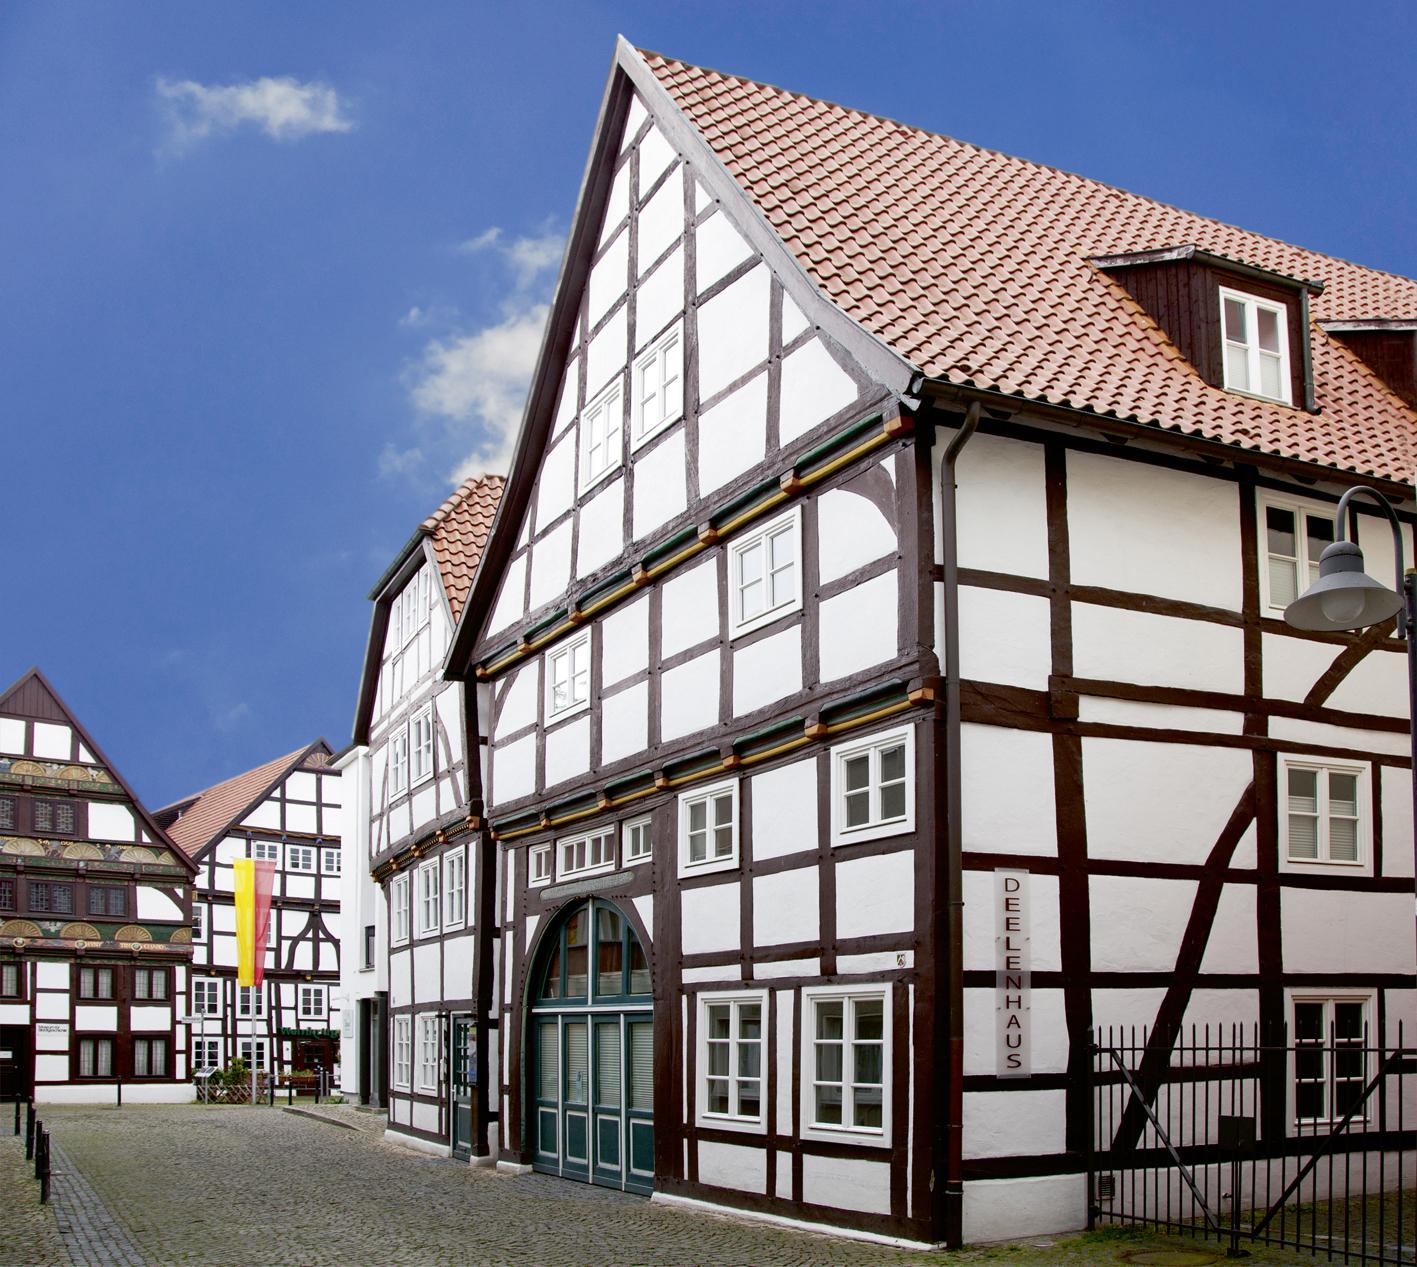 Deelenhaus Paderborn Außenansicht